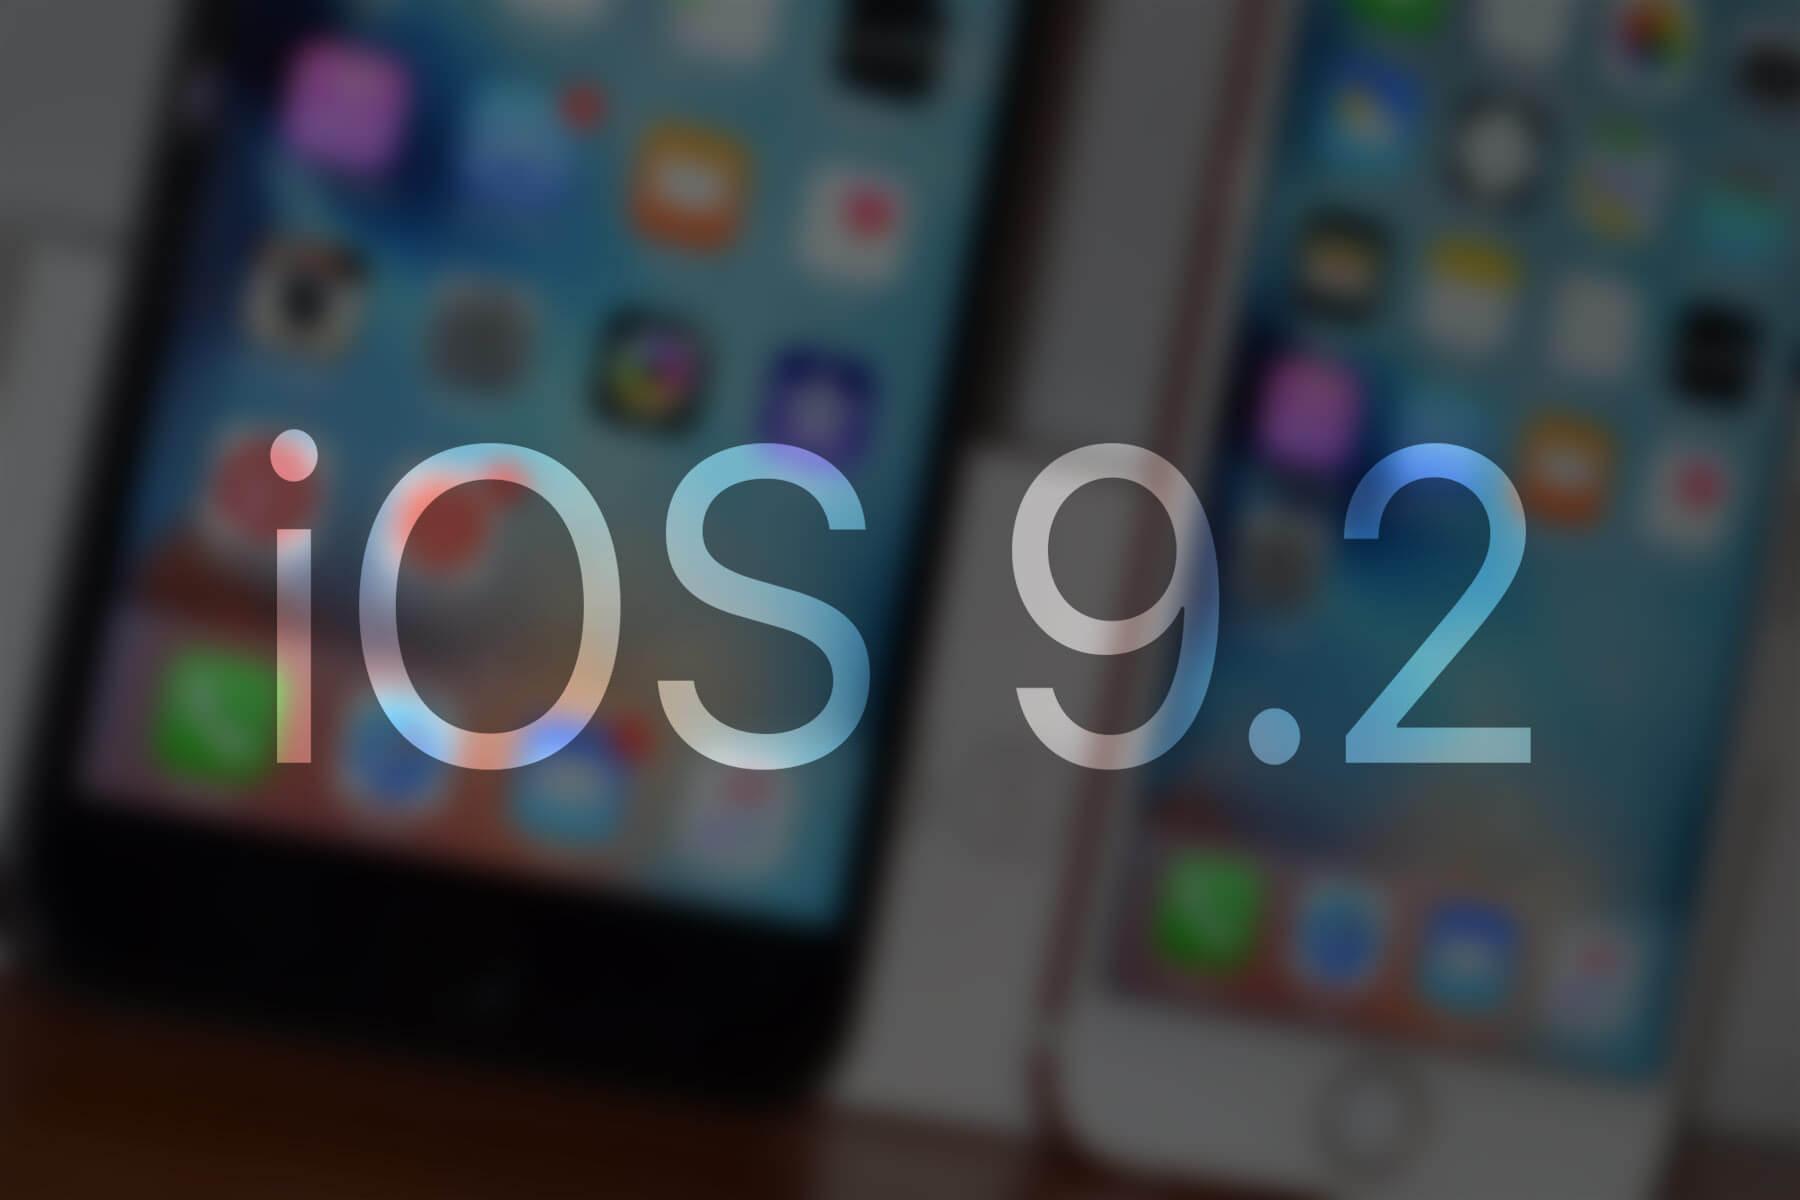 Pangu выпустит джейлбрейк только для iOS 9.2